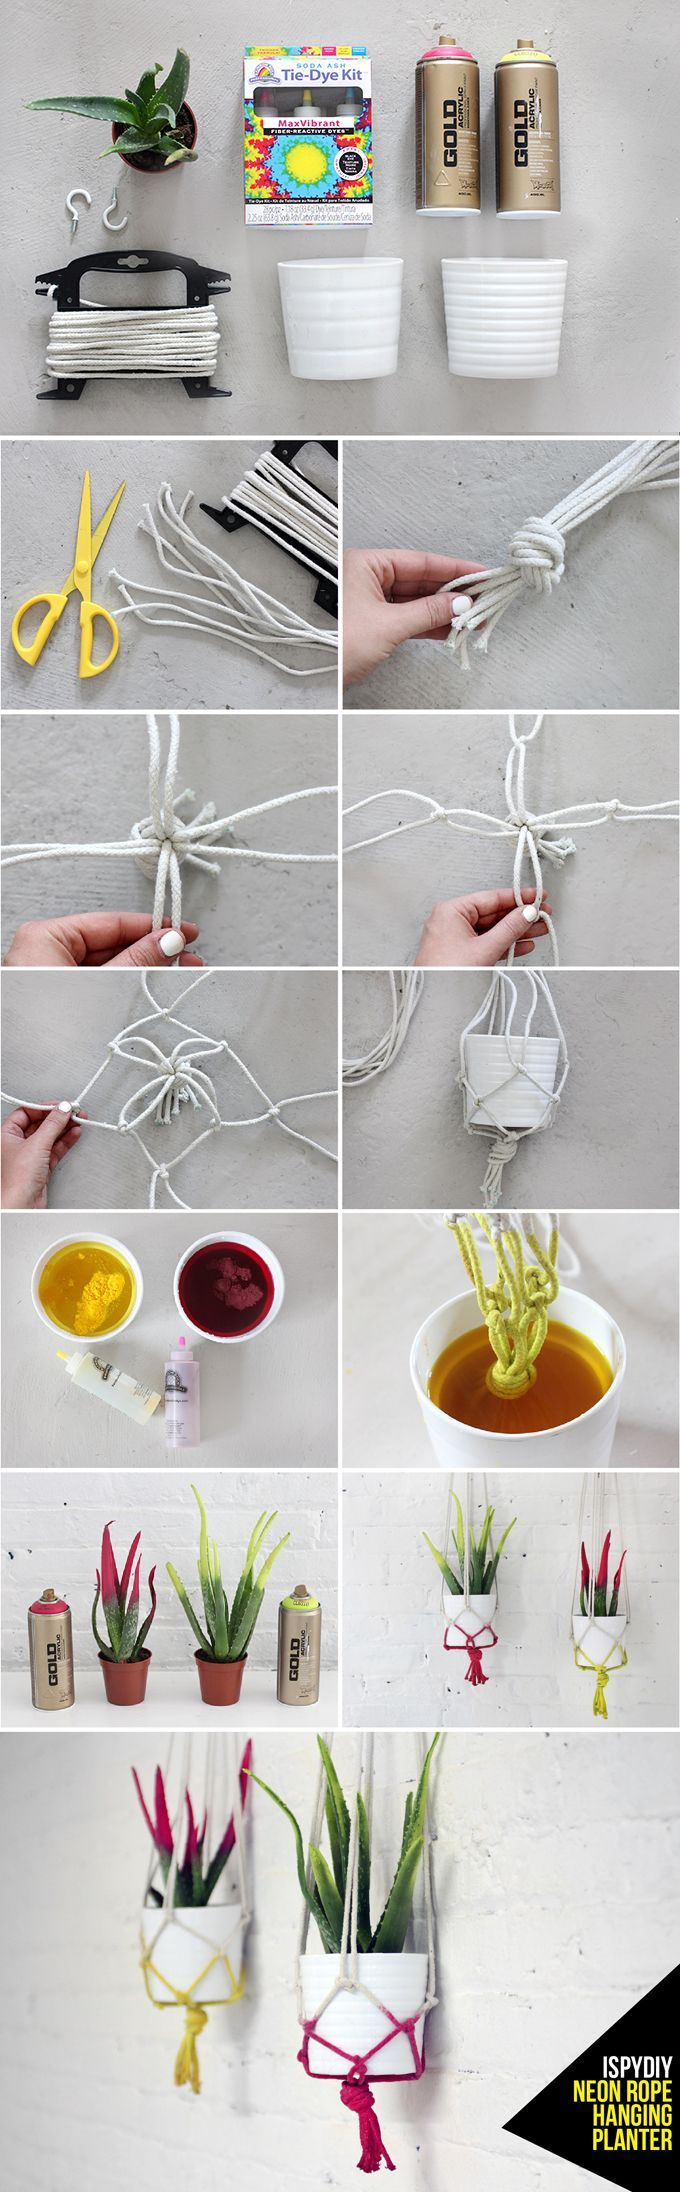 jardineras colgantes cuerda de bricolaje.